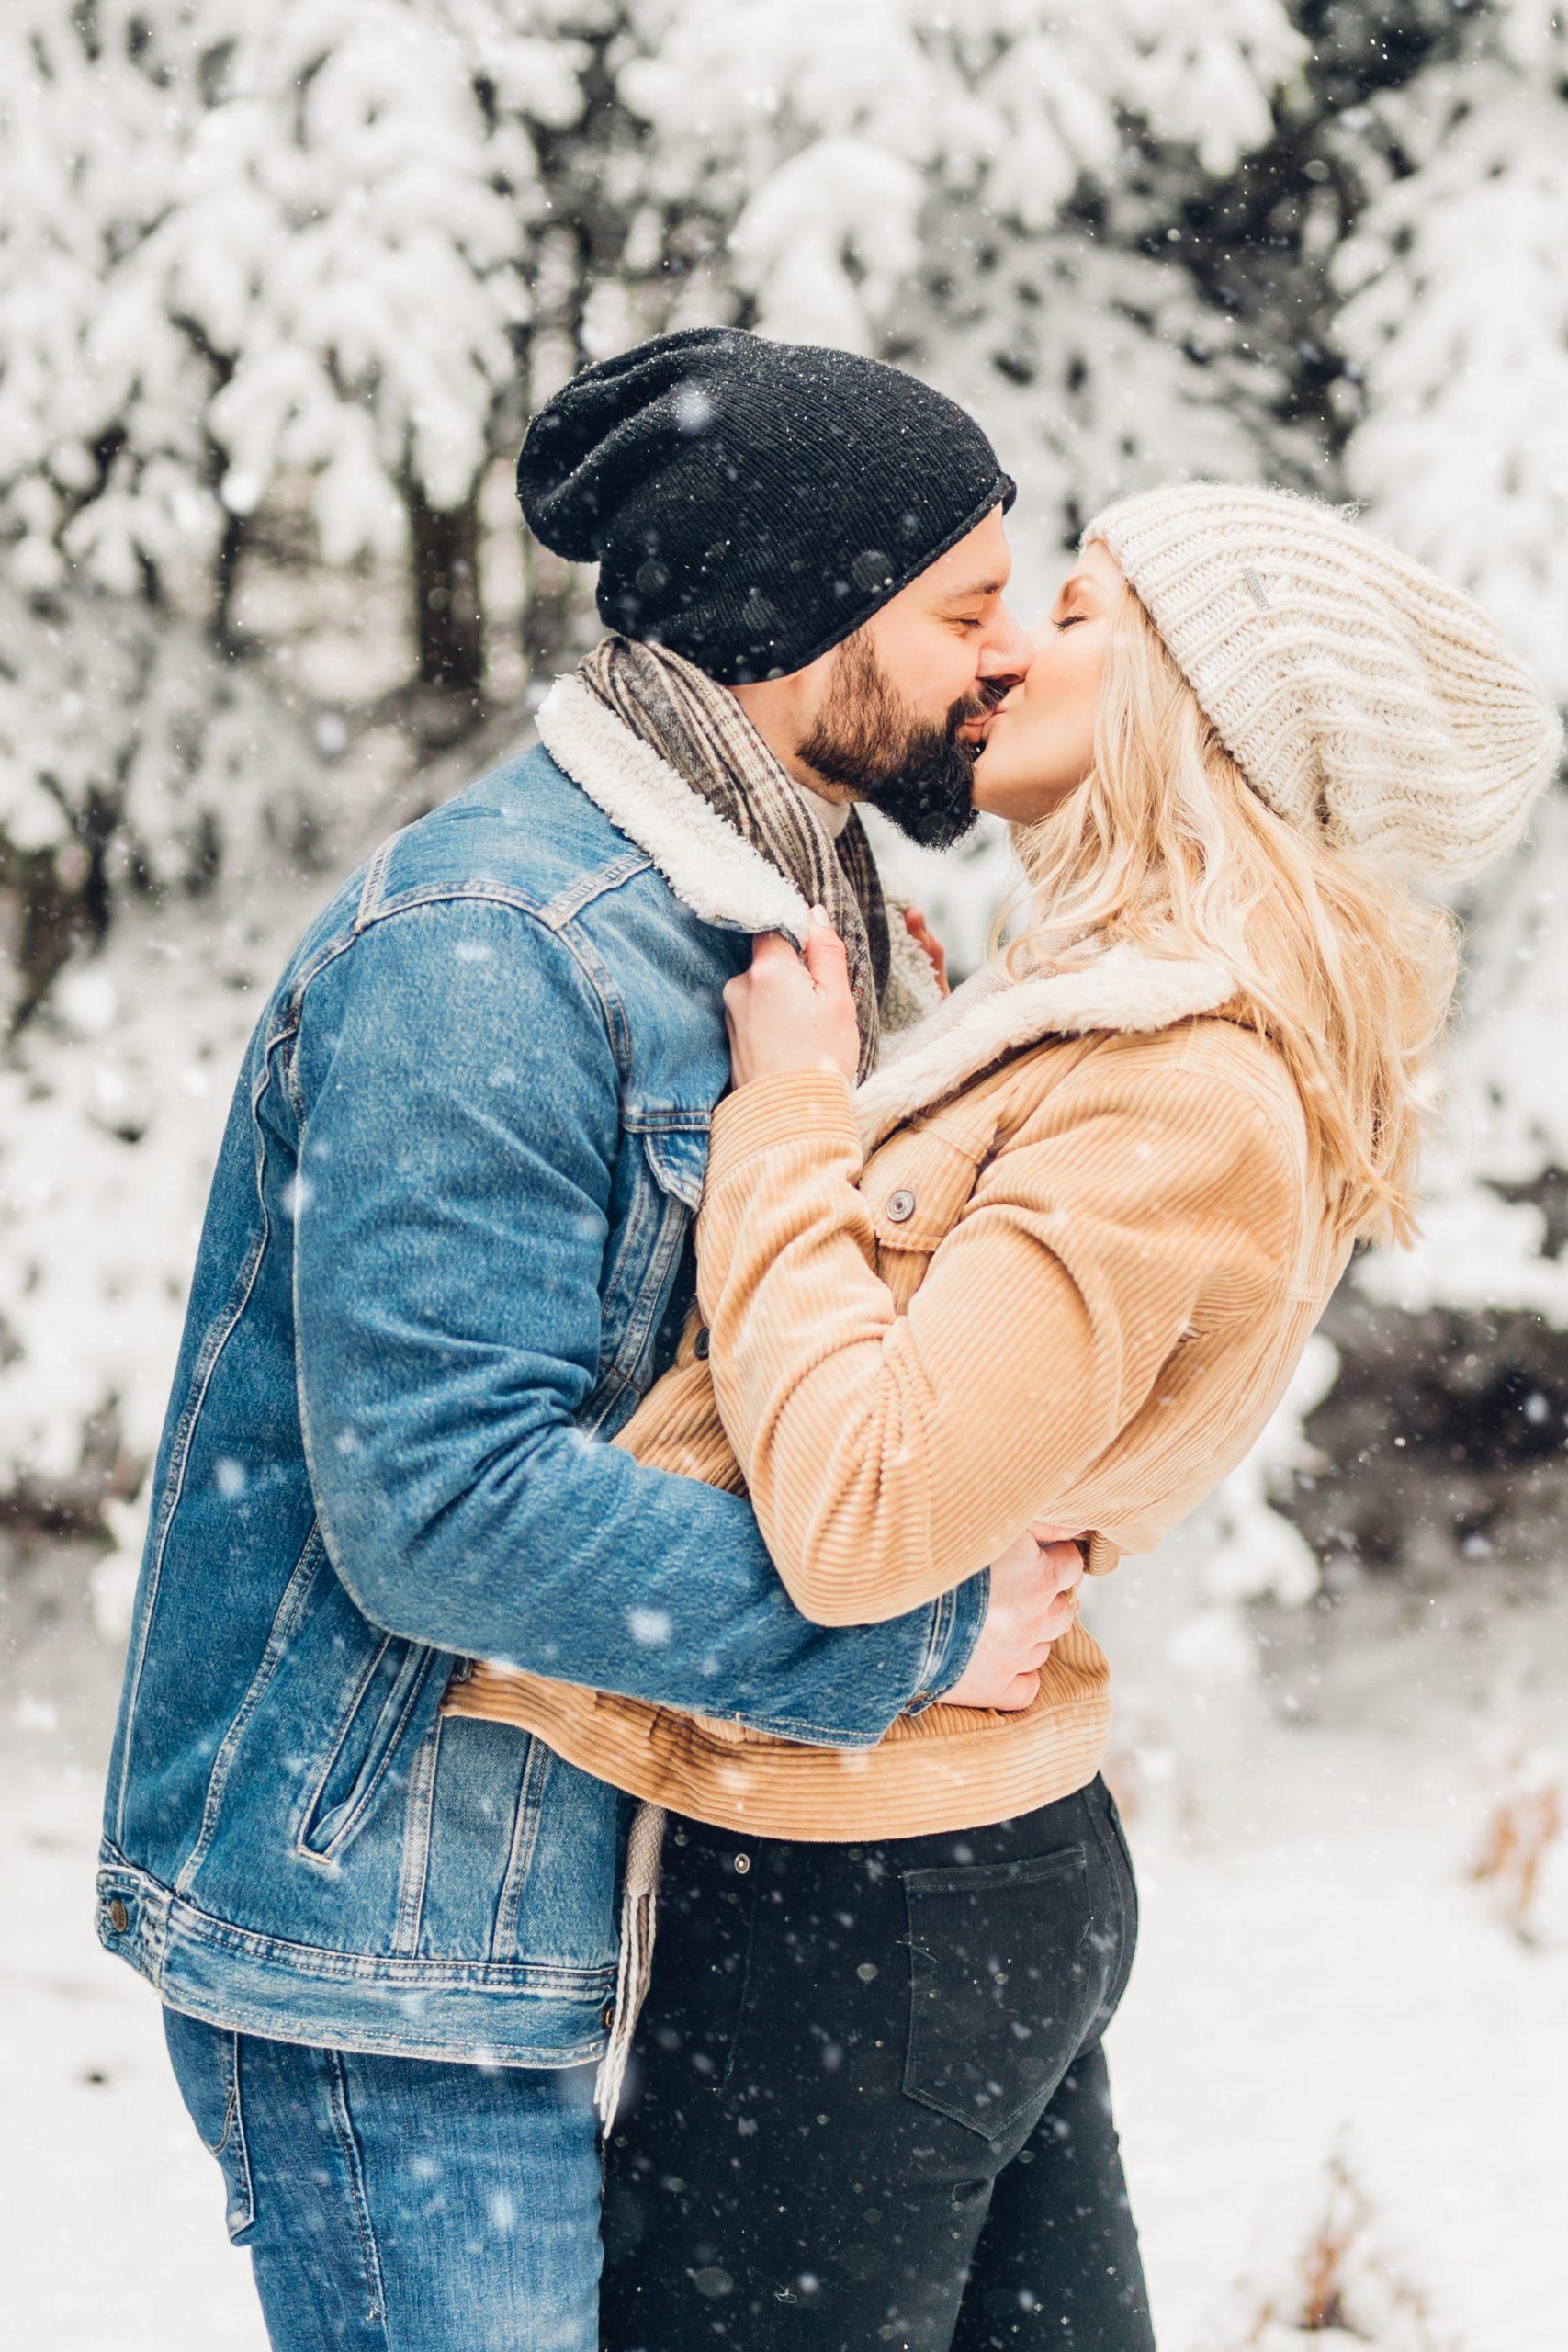 Winterliches Pärchenshooting im Schnee